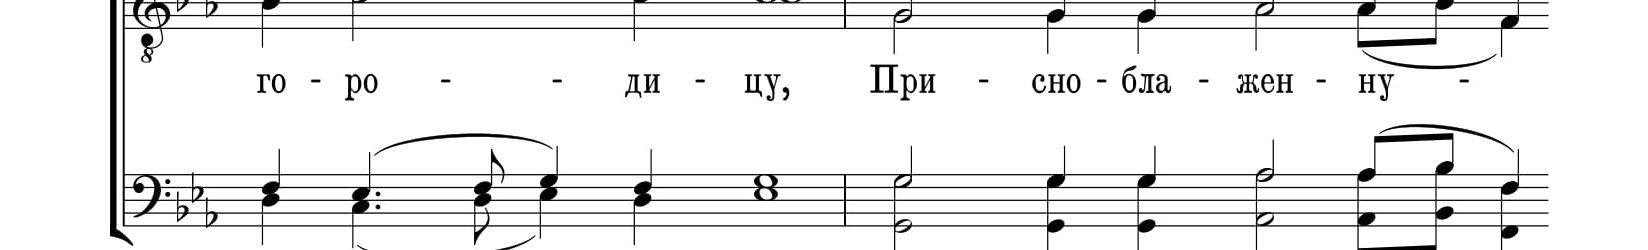 Достойно есть (Распев царя Феодора, гармонизация архим. Матфея)